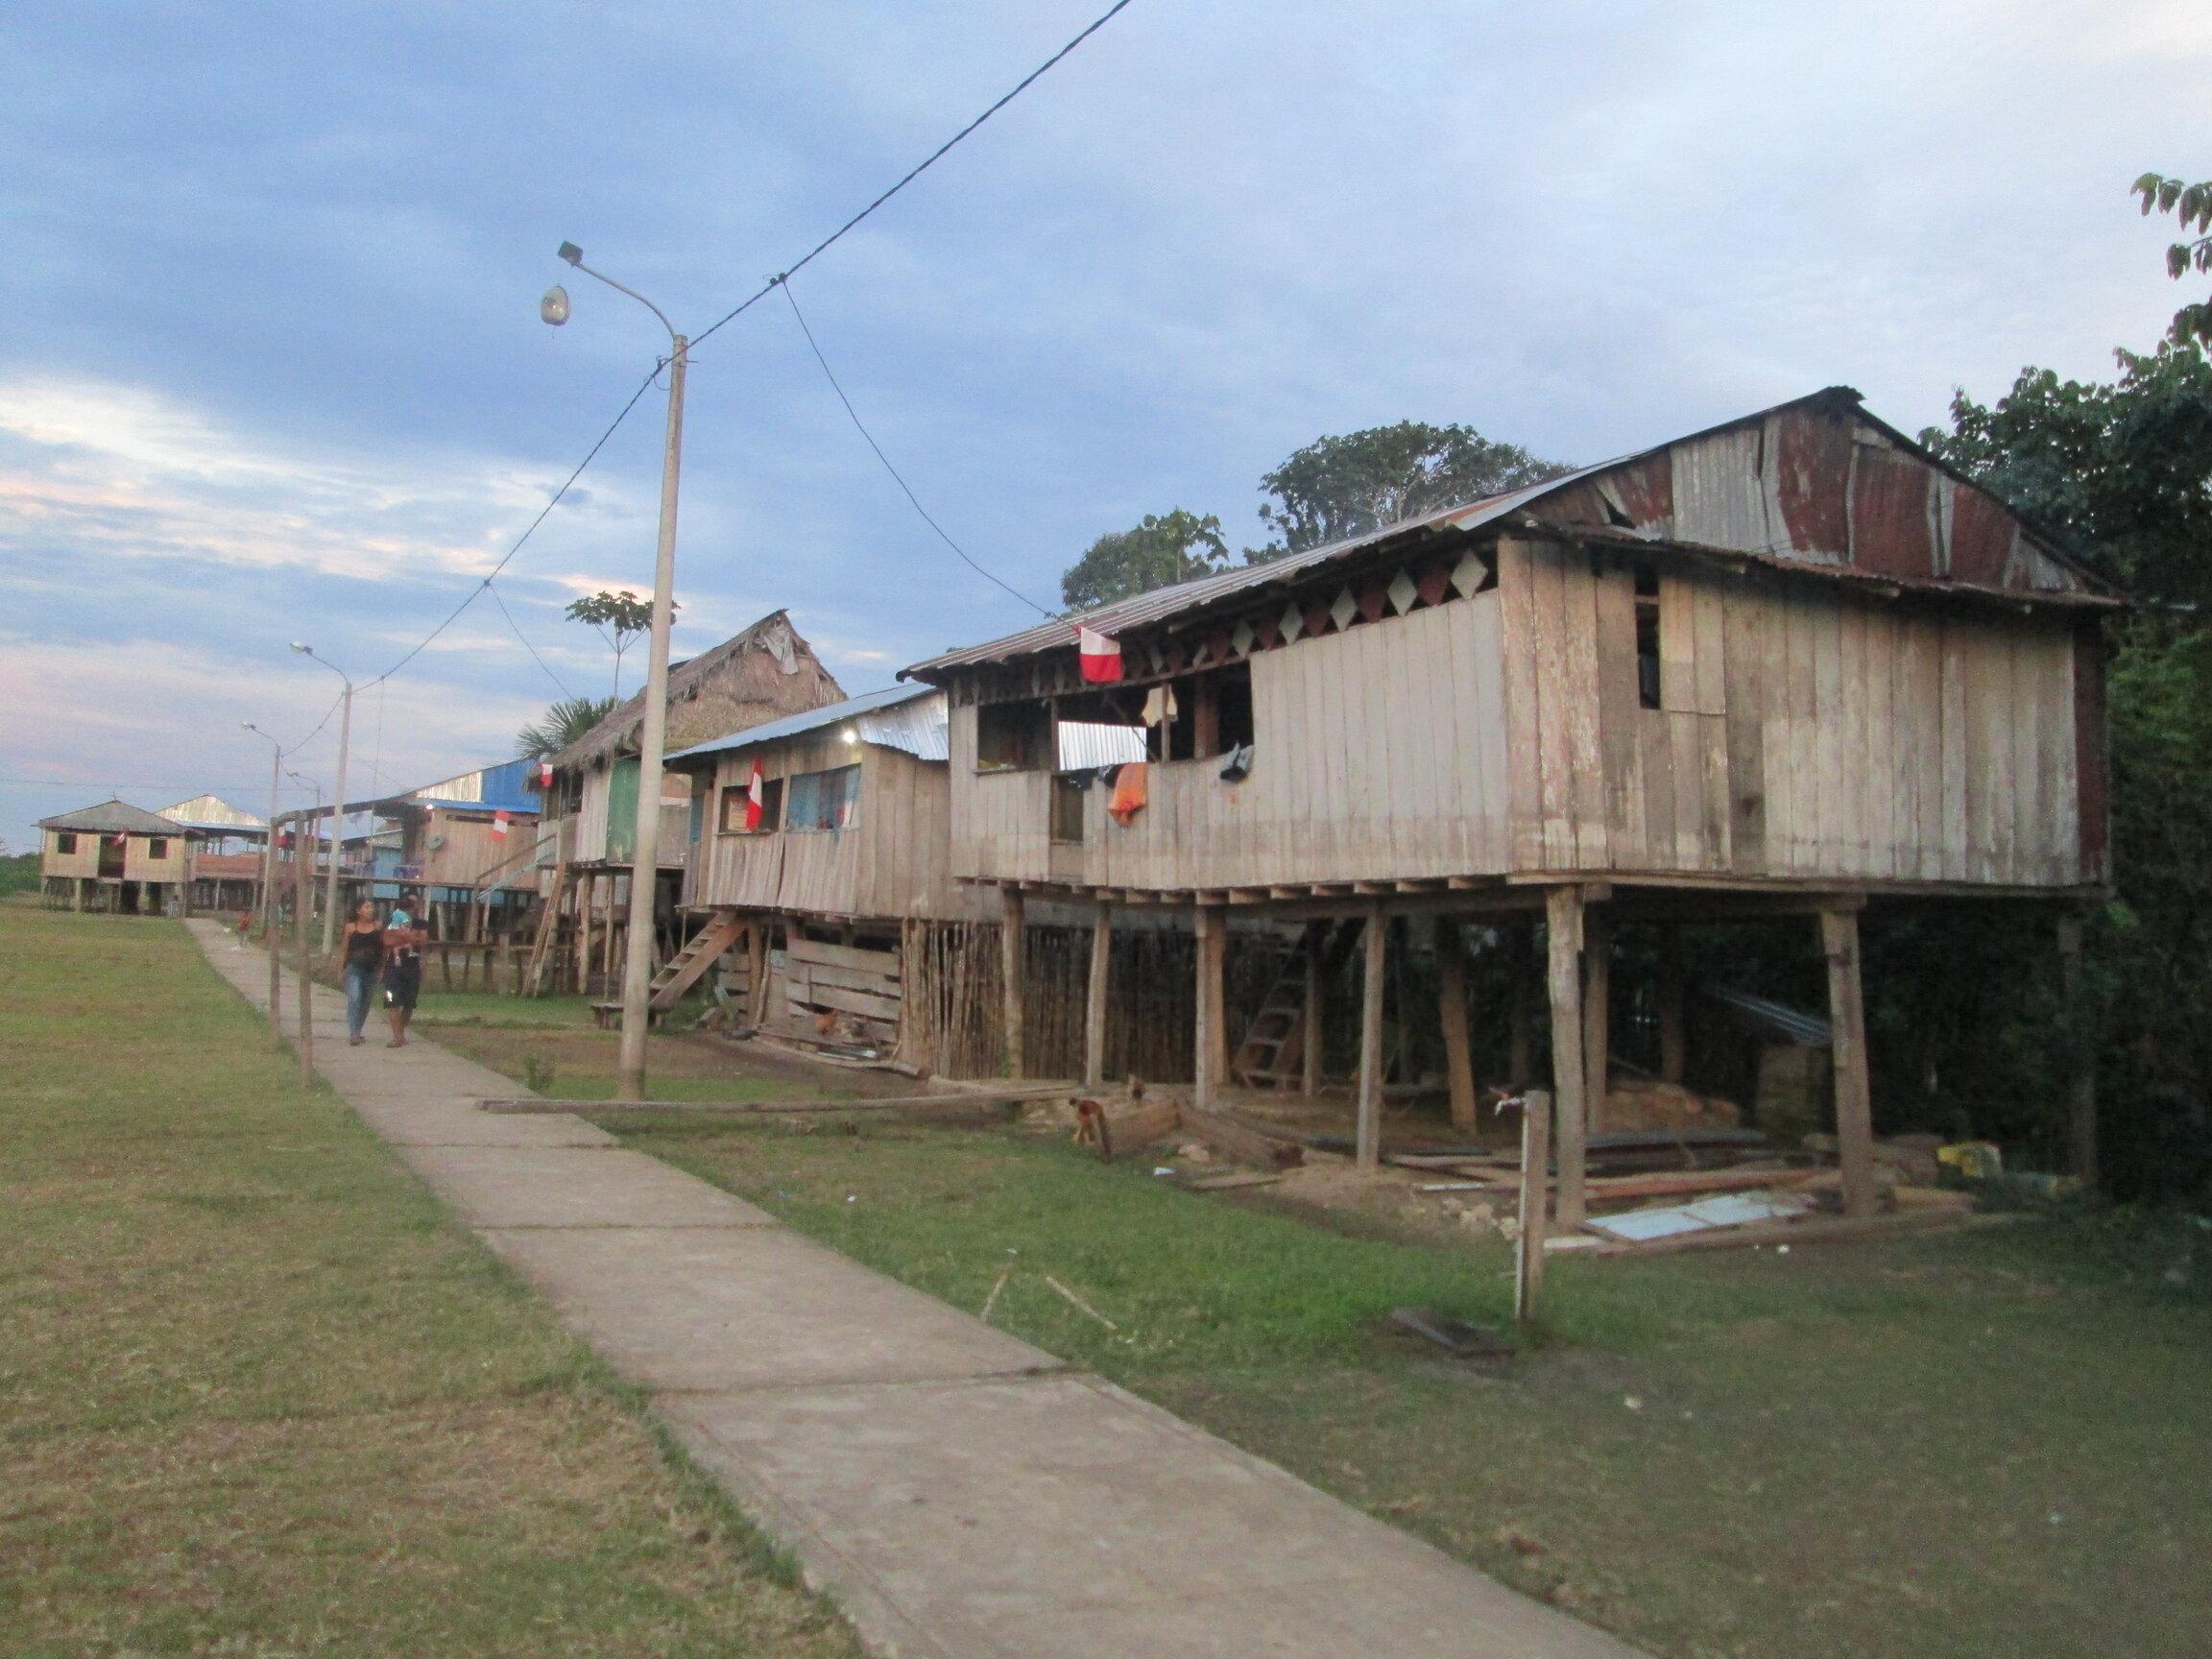 Un poblado típico del Amazonas